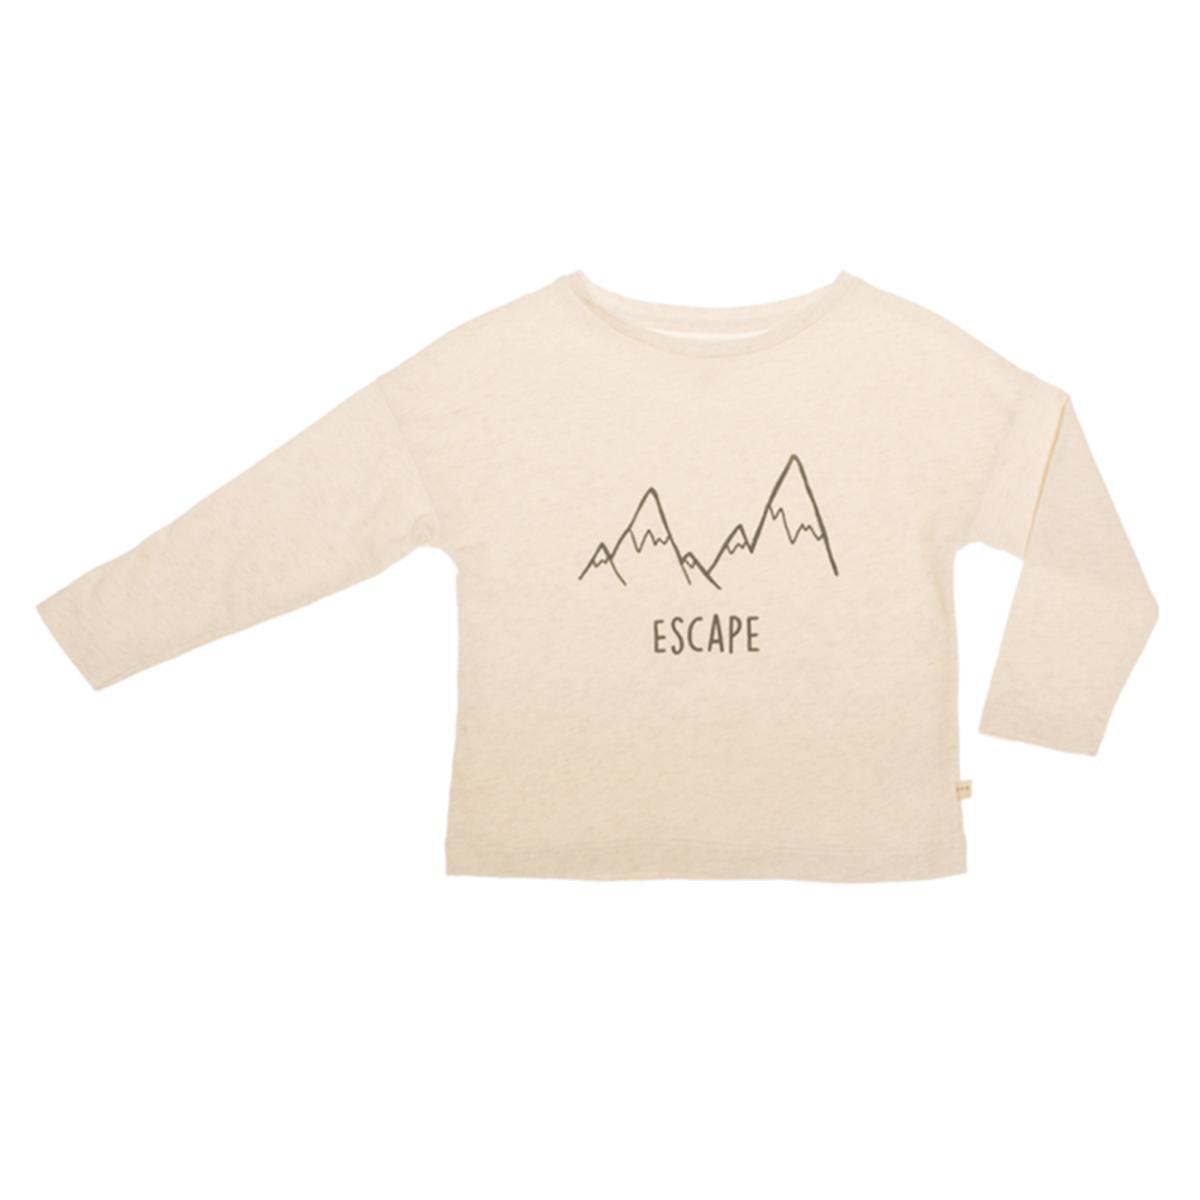 Haut bébé T-Shirt Manches Longues Escape Crème - 2/3 Ans T-Shirt Manches Longues Escape Crème - 2/3 Ans